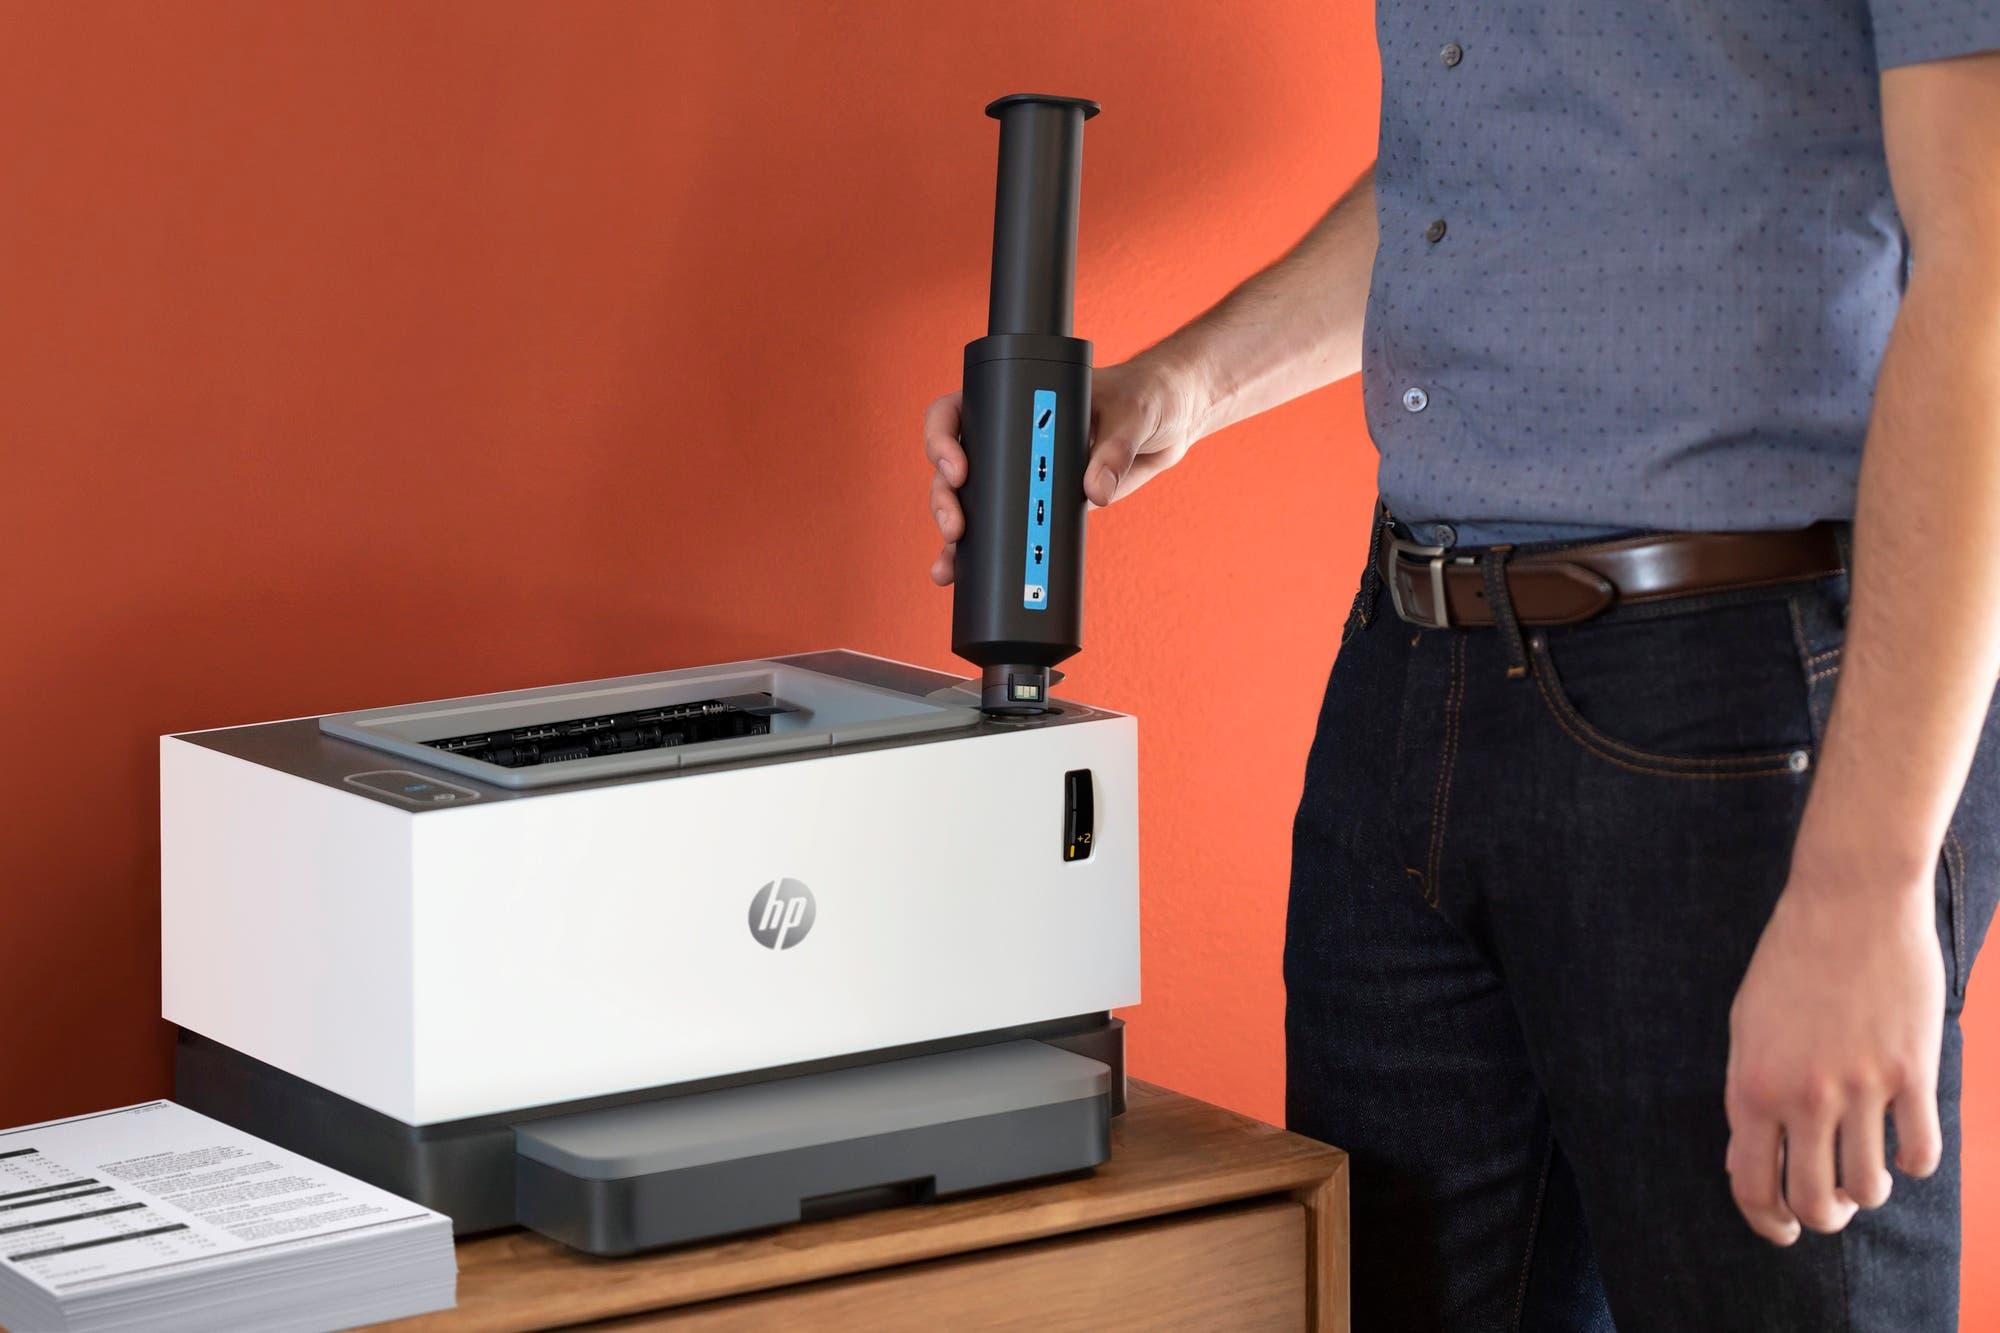 HP NeverStop Laser, la impresora a la que se le cambia el tóner en 15 segundos